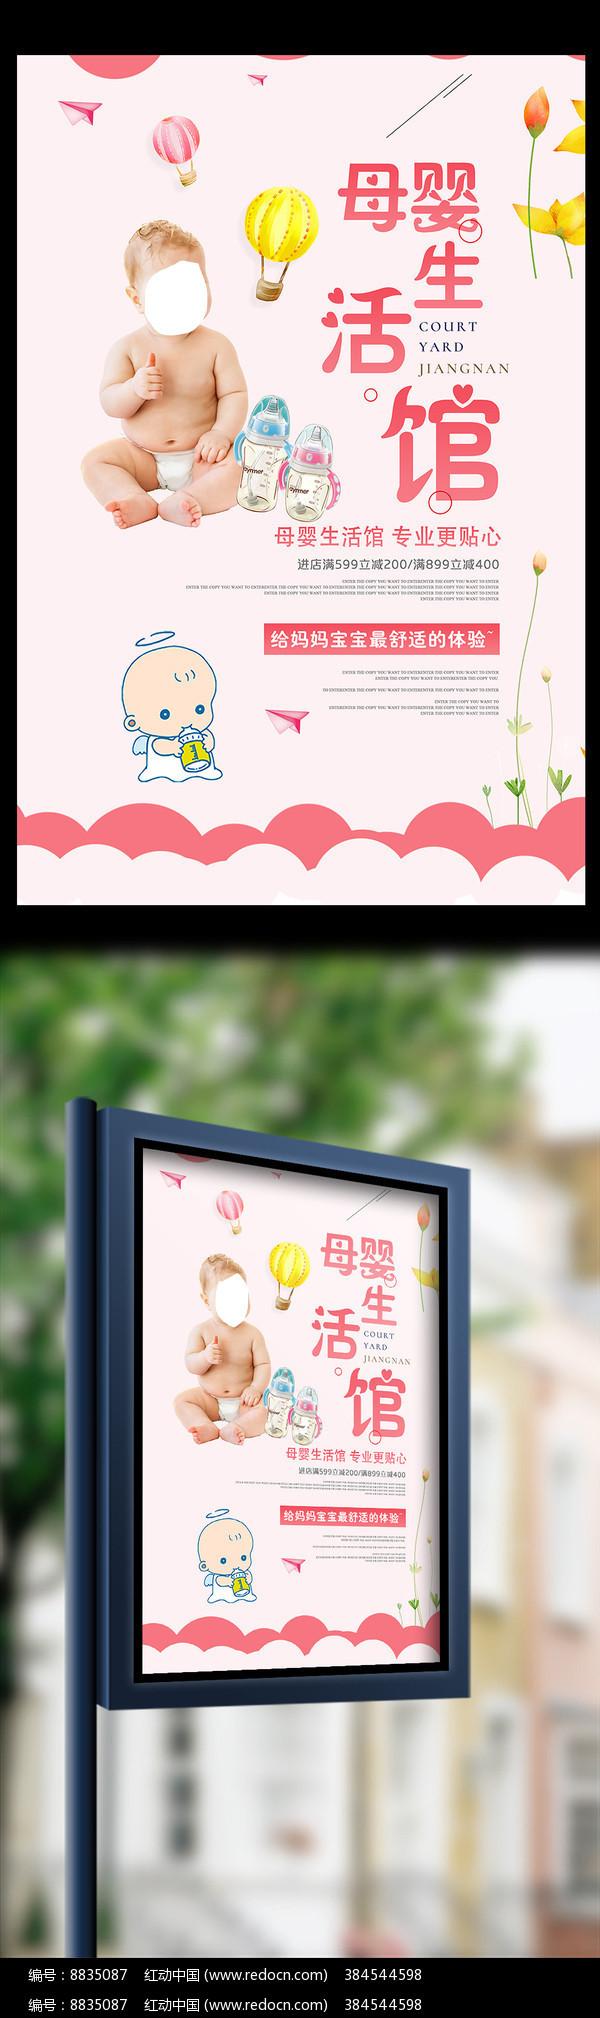 粉色简约母婴生活馆宝宝海报图片